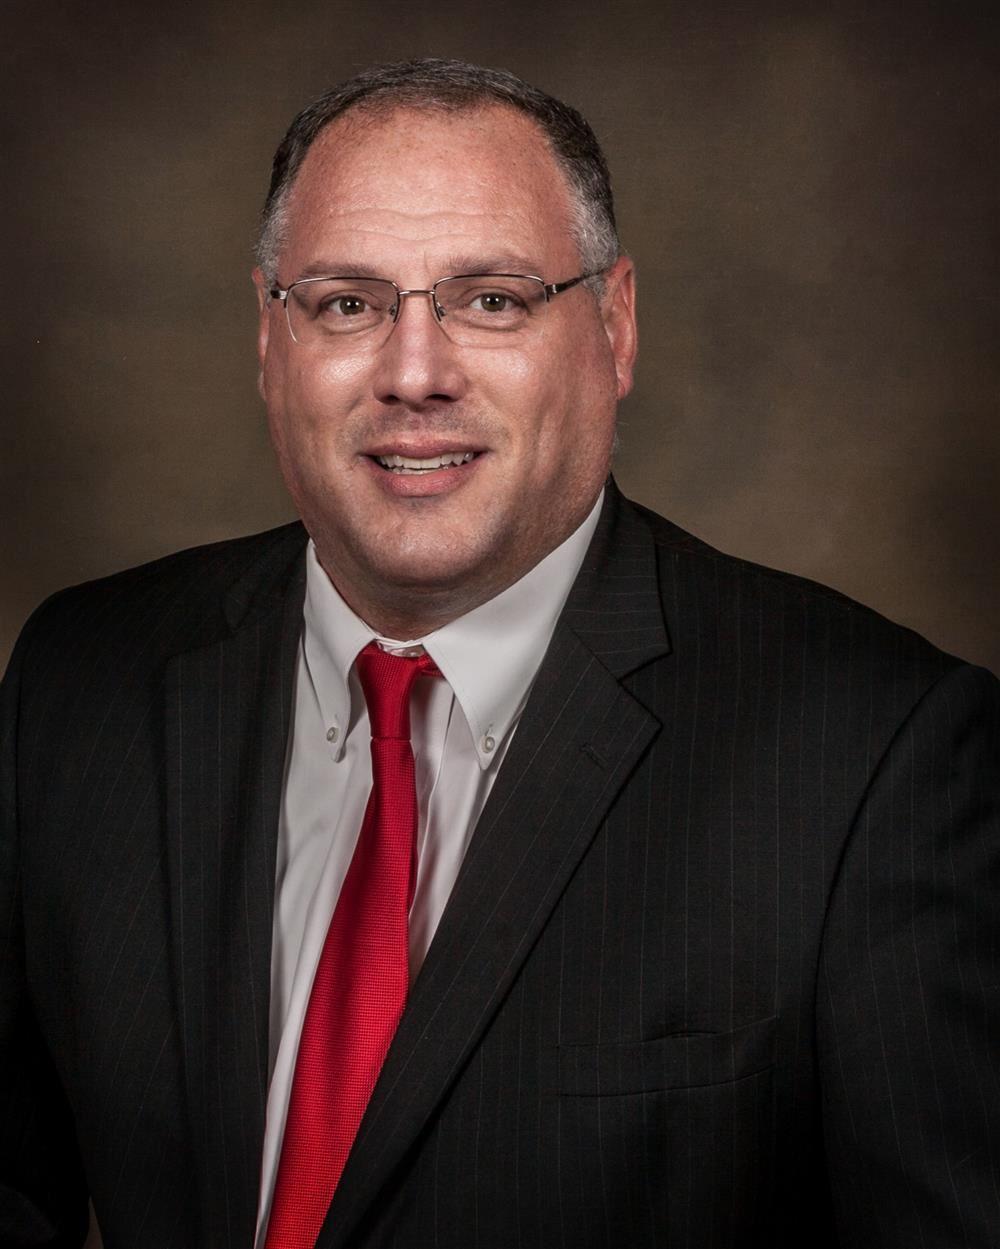 Chris Sivills, Principal